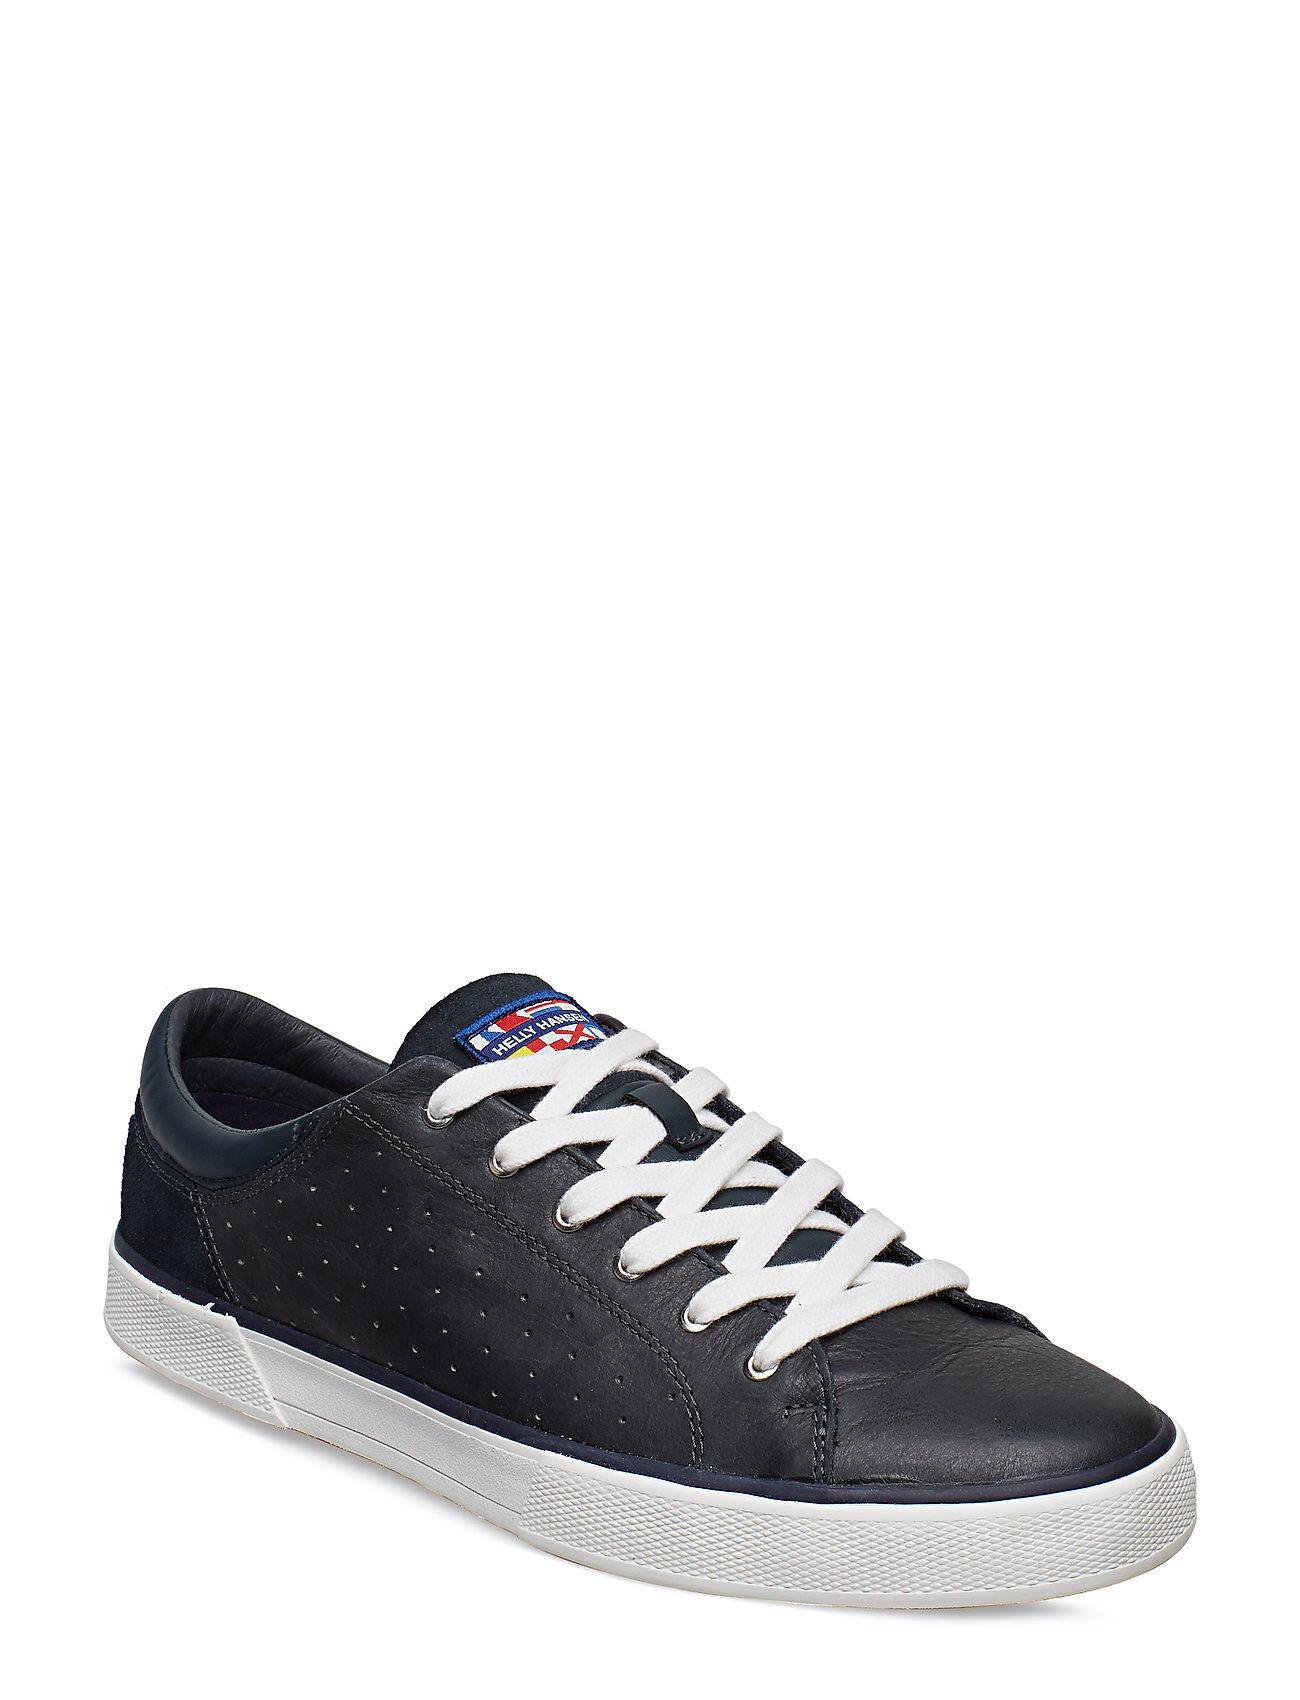 Image of Helly Hansen Copenhagen Leather Shoe Matalavartiset Sneakerit Tennarit Sininen